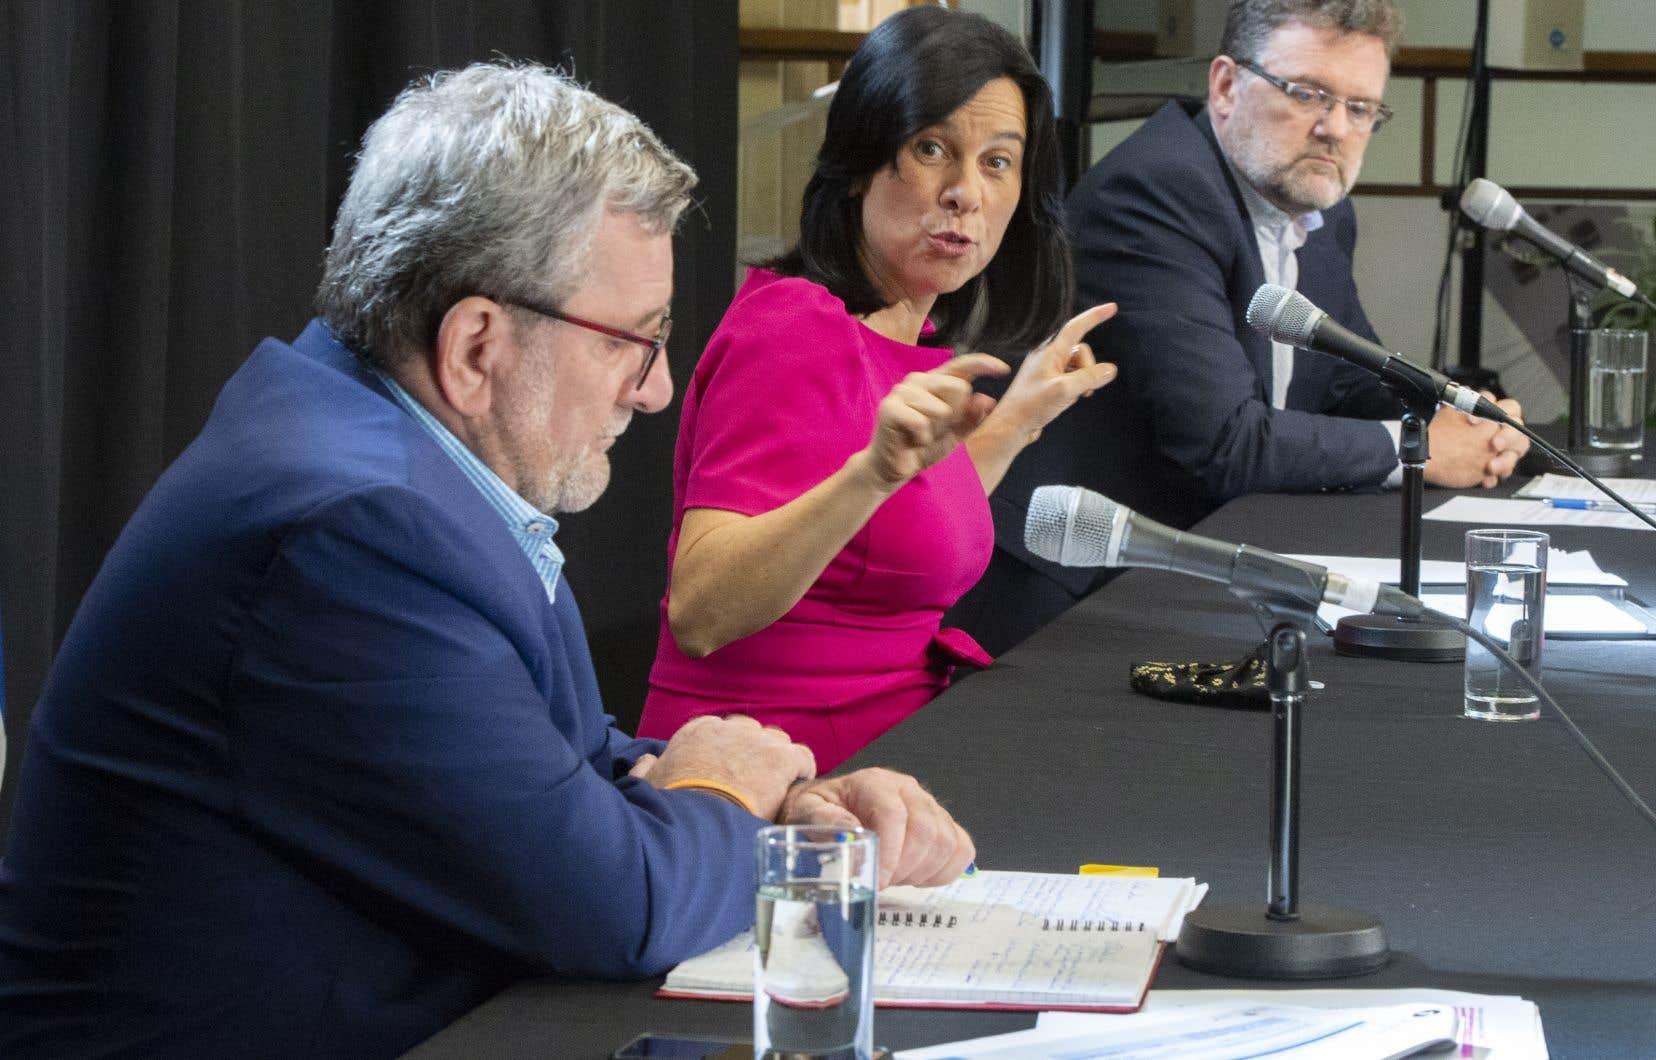 En conférence de presse à Montréal, la mairesse Valérie Plante, accompagnée de ses homologues Régis Labeaume et Maxime Pedneaud-Jobin, a salué cette «victoire».